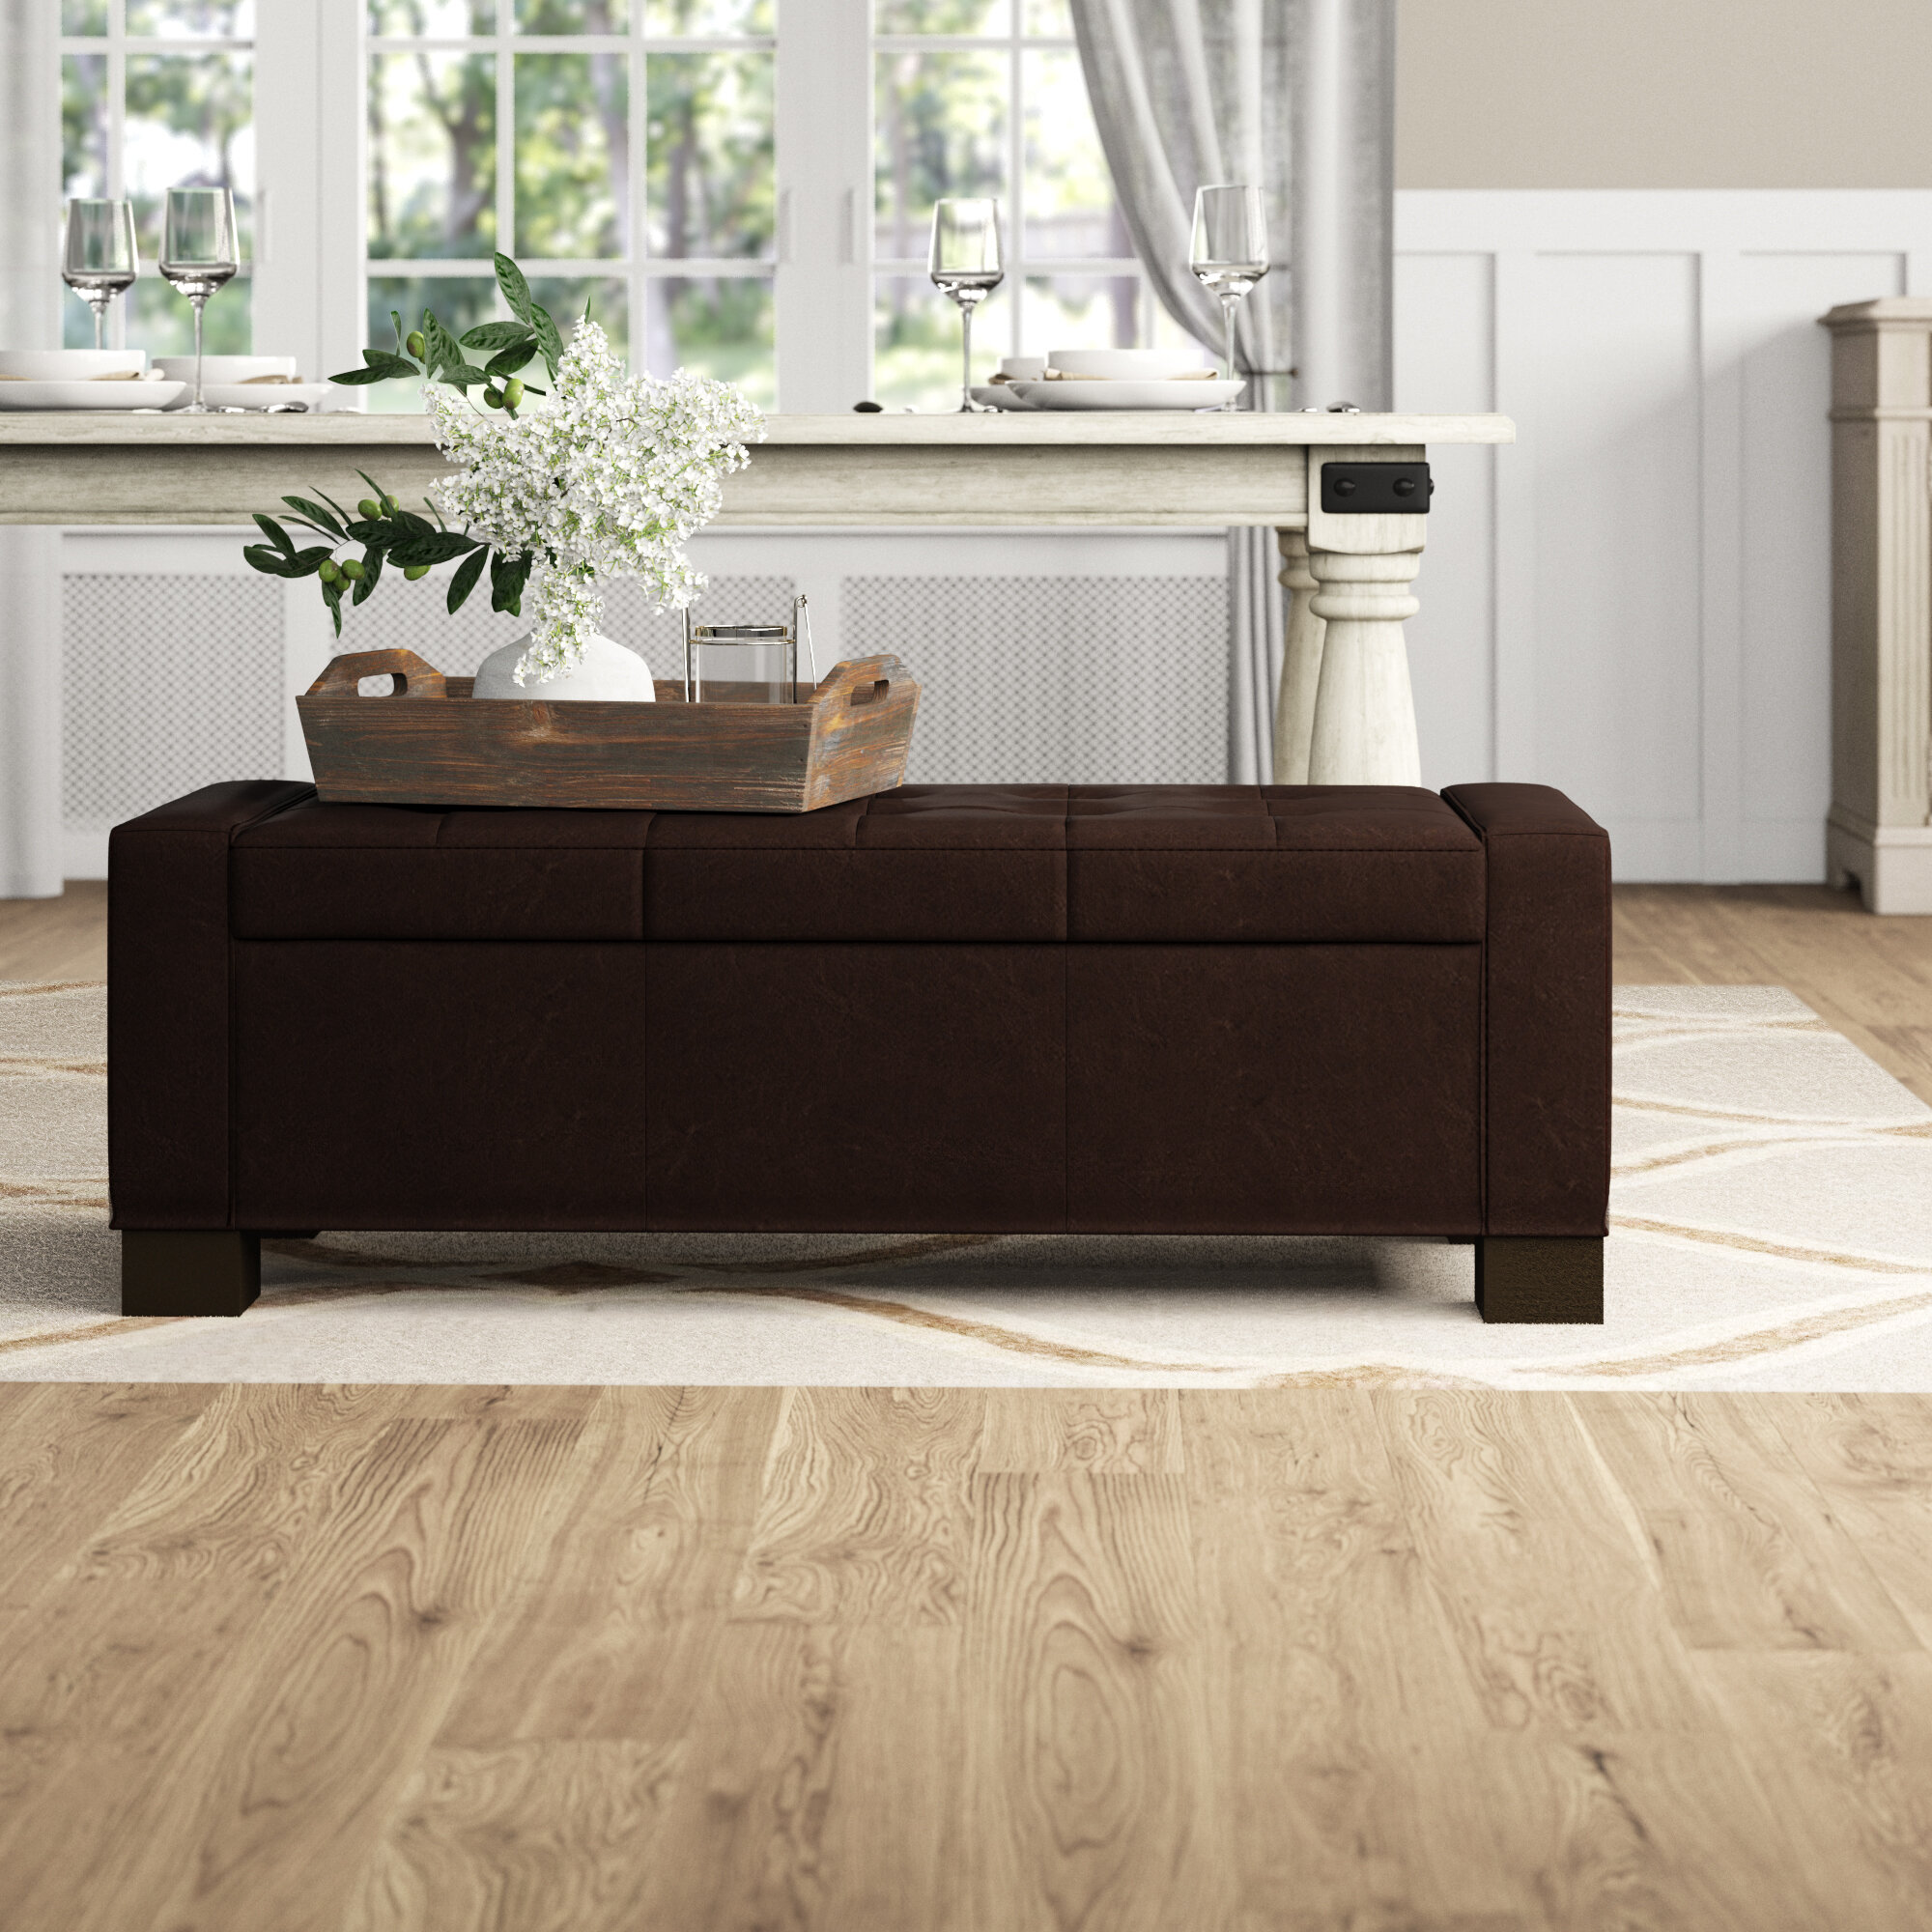 Hampstone Faux Leather Storage Bench Reviews Birch Lane